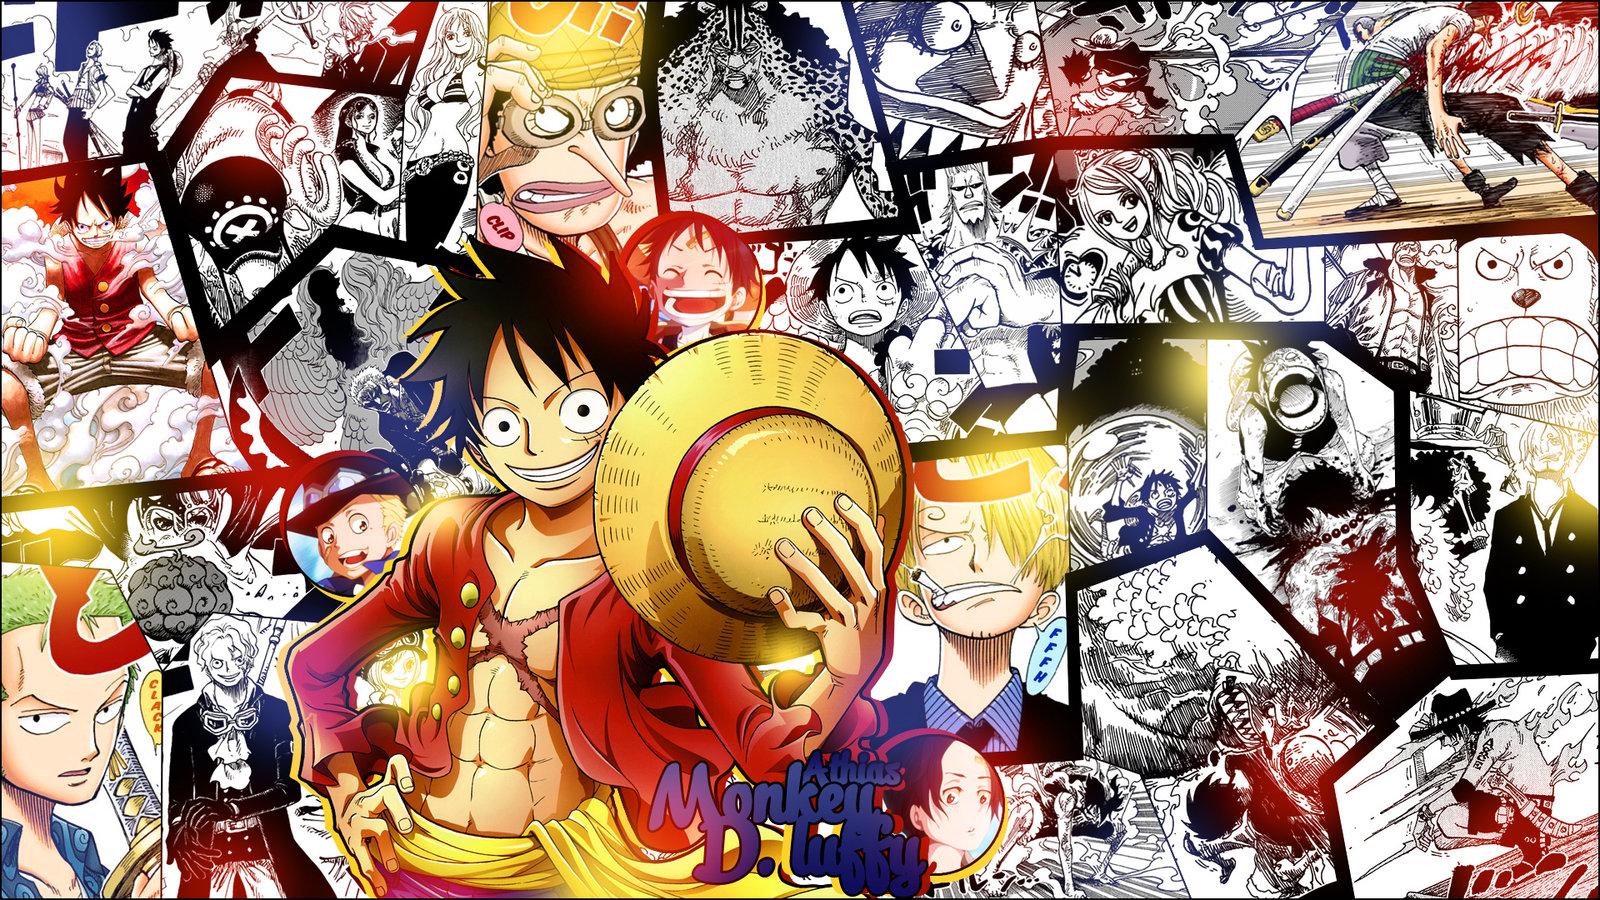 Gambar Wallpapers Naruto Keren Untuk Laptop Smartphone: Wallpaper Naruto Untuk Pc